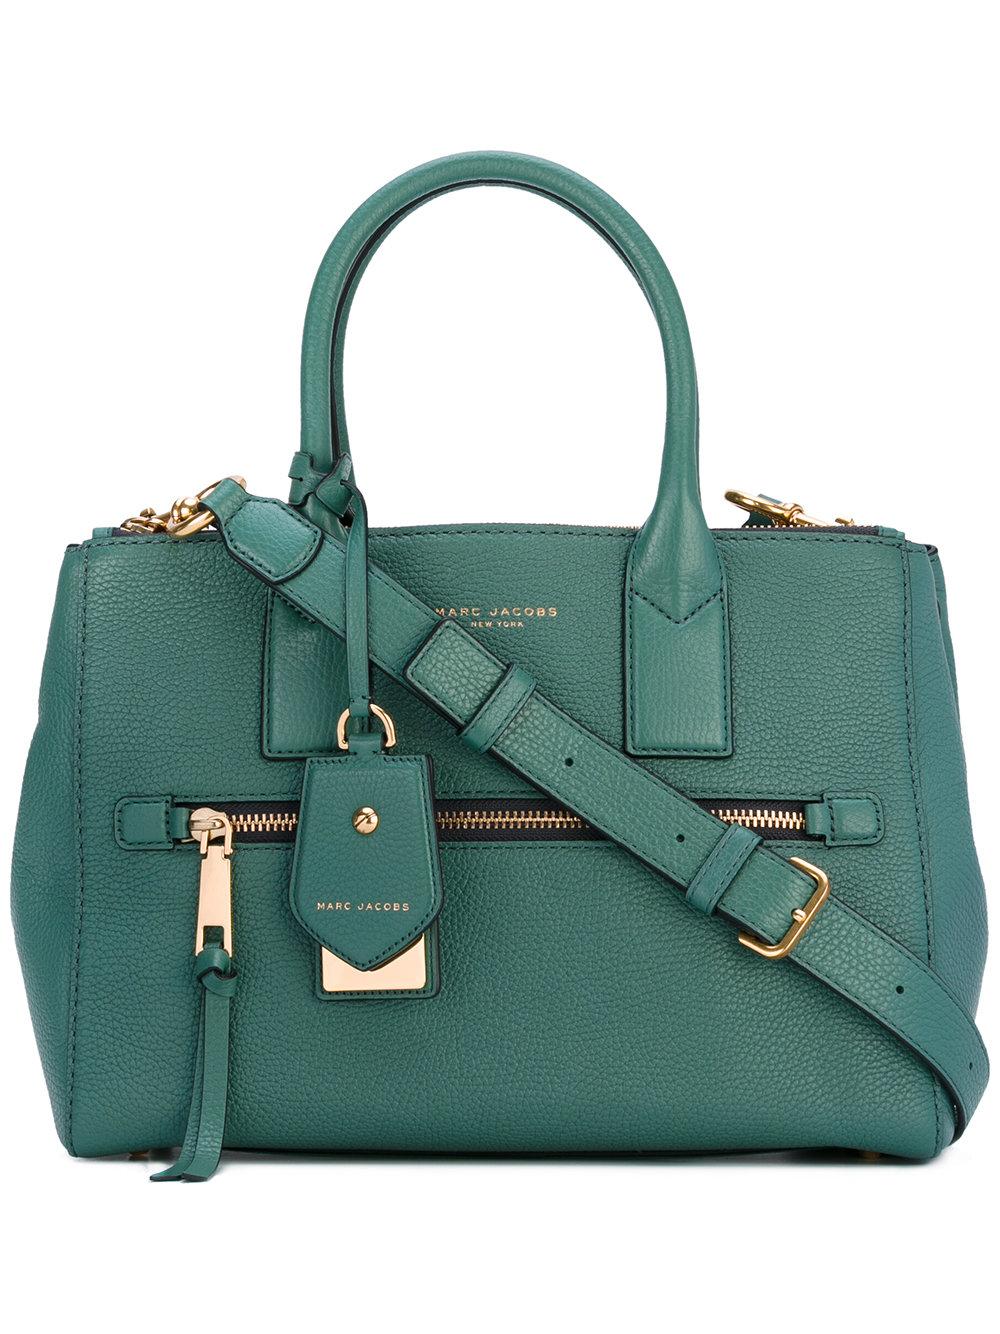 сумочки от марка джейкобса 2017